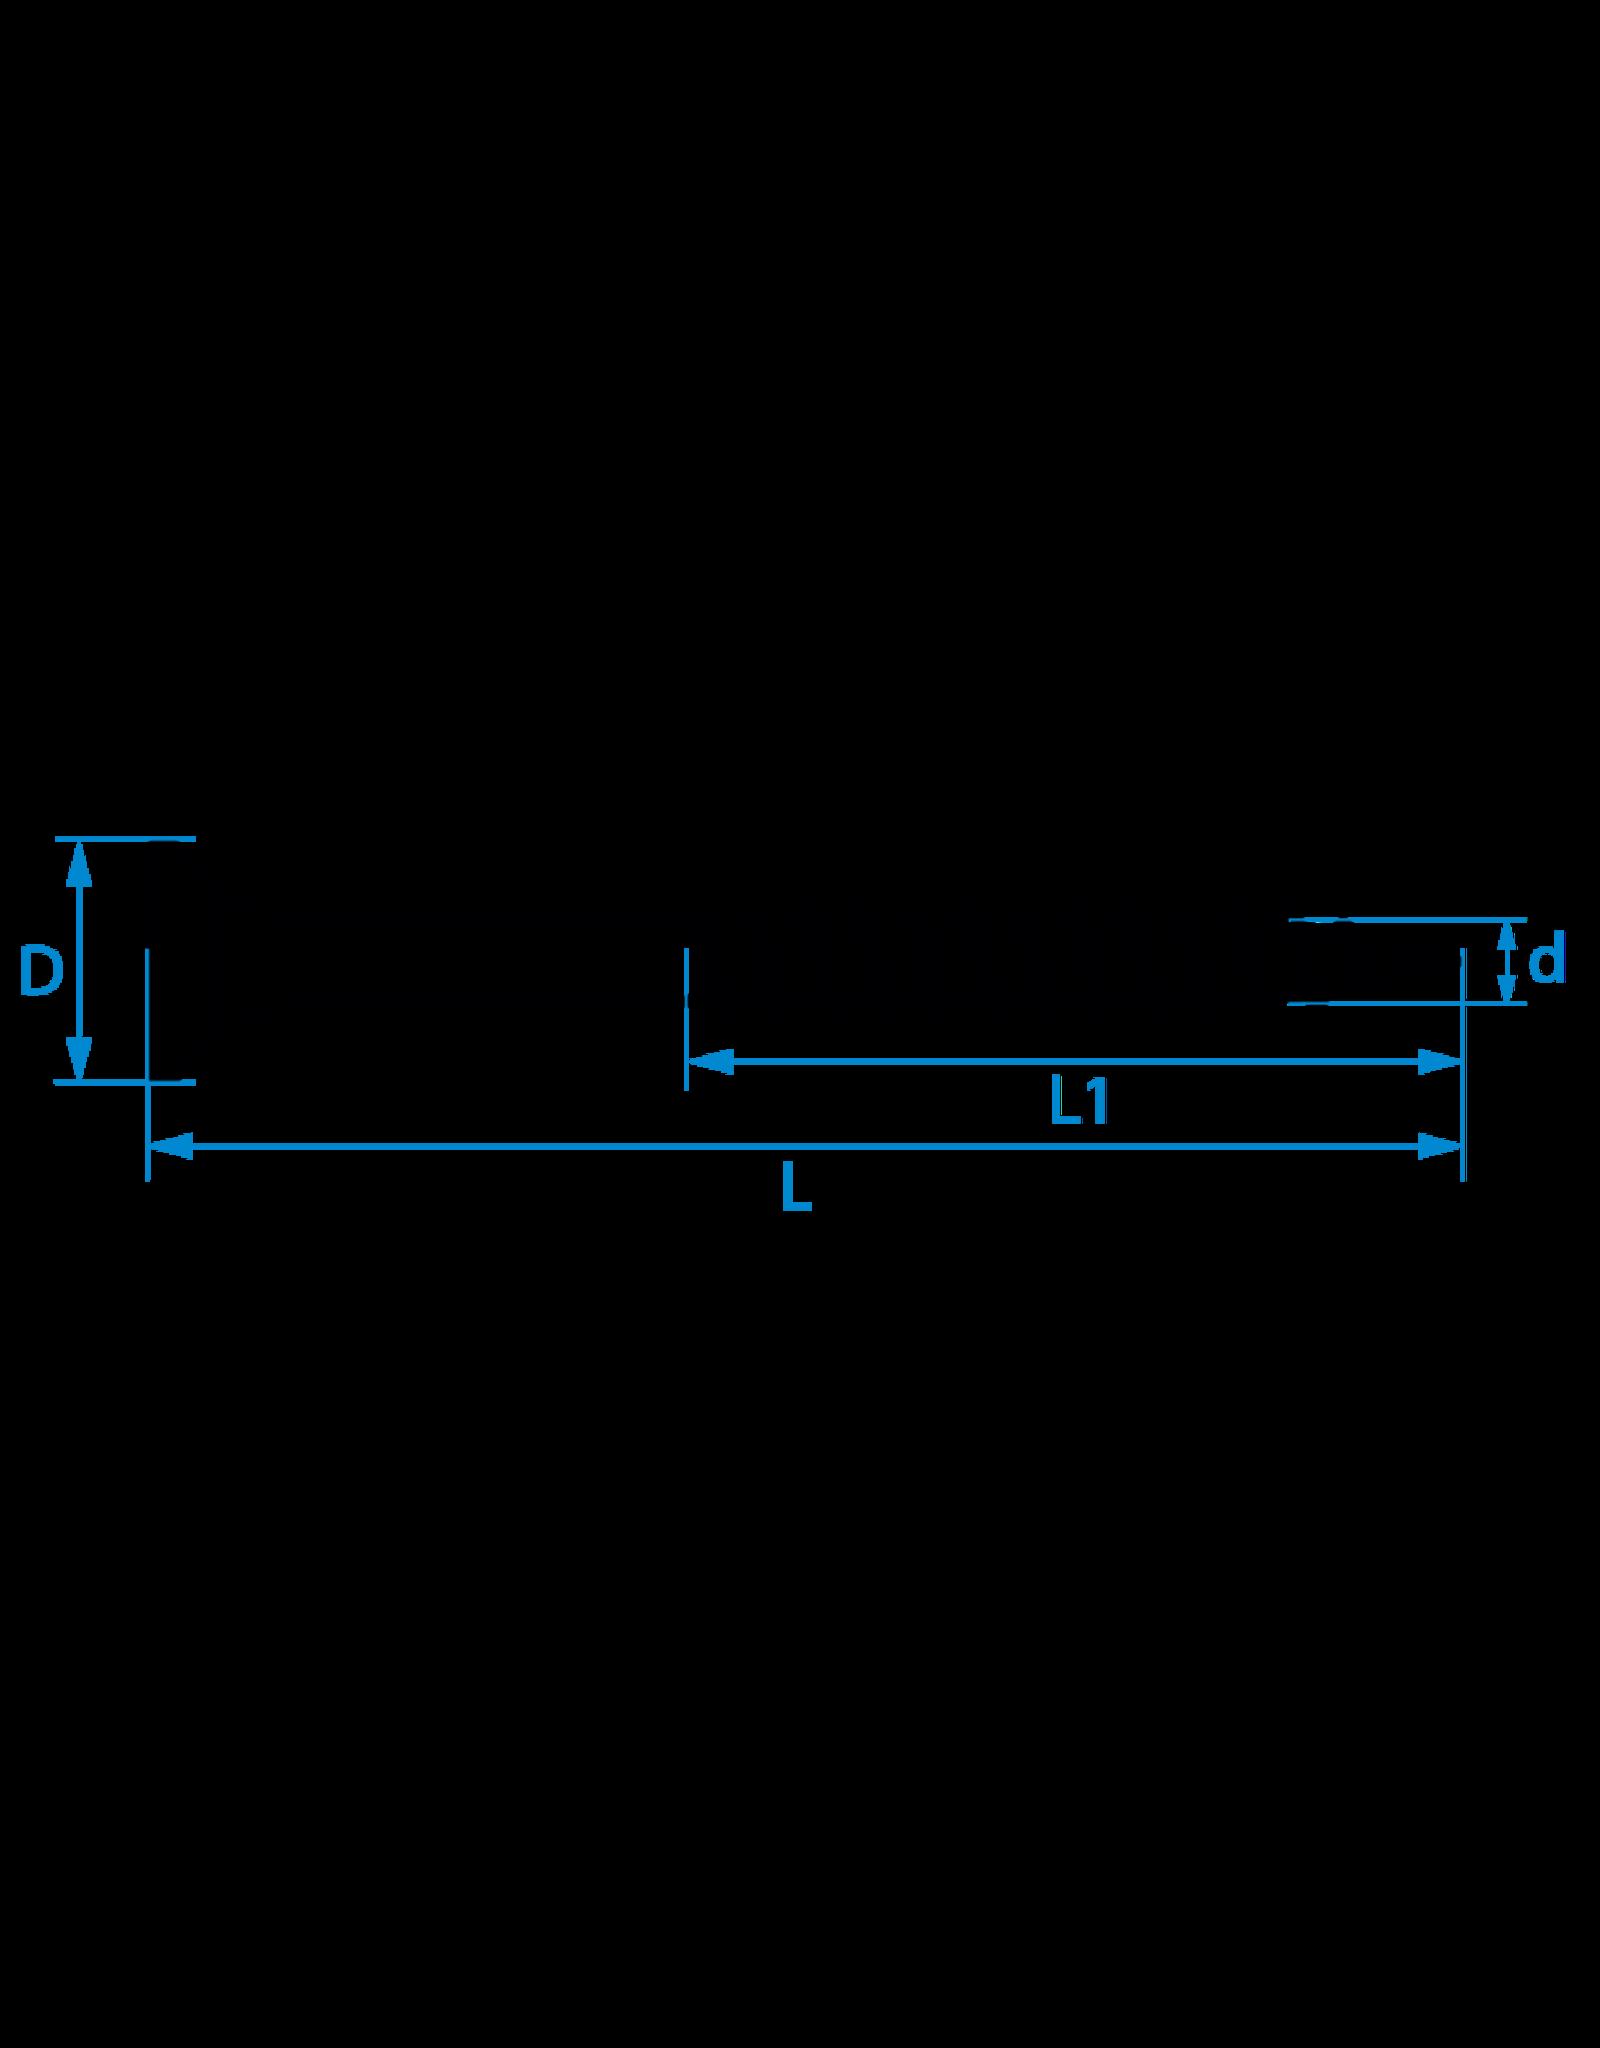 Spaanplaatschroeven platkop 5.0x45 TX-25 staal gehard verzinkt per 200 stuks